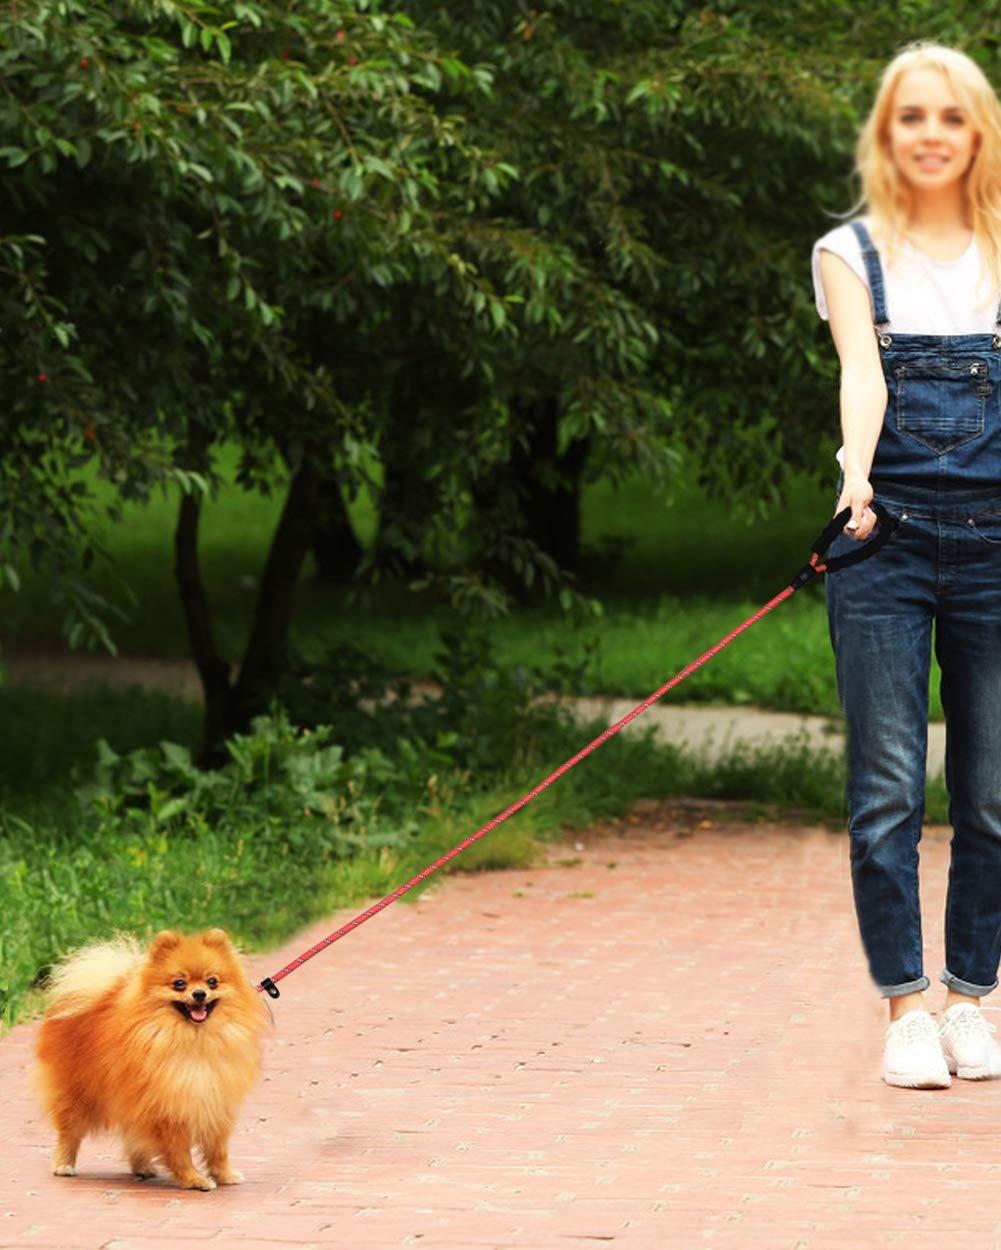 Corda al guinzaglio per Cani,Corda rampicante Riflettente Rotonda Durevole,Scivolare i guinzagli,Colletto e Guinzaglio Due in Uno per Cani Piccoli e Medi 1.8M Verde